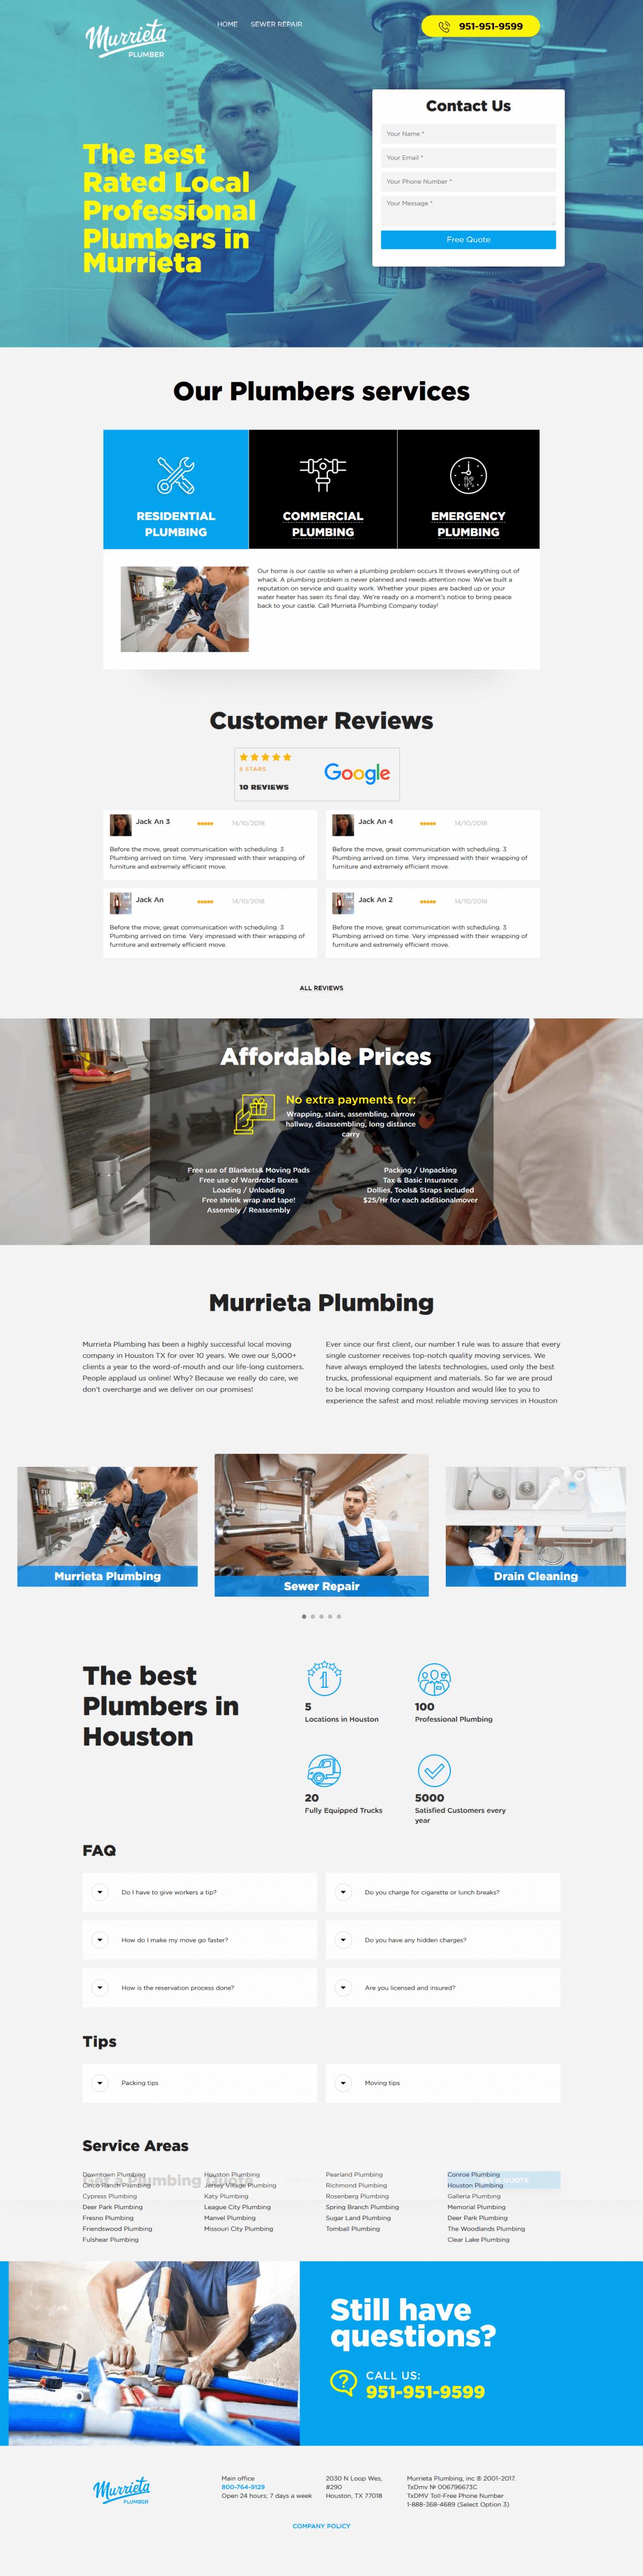 Murrieta Plumbing